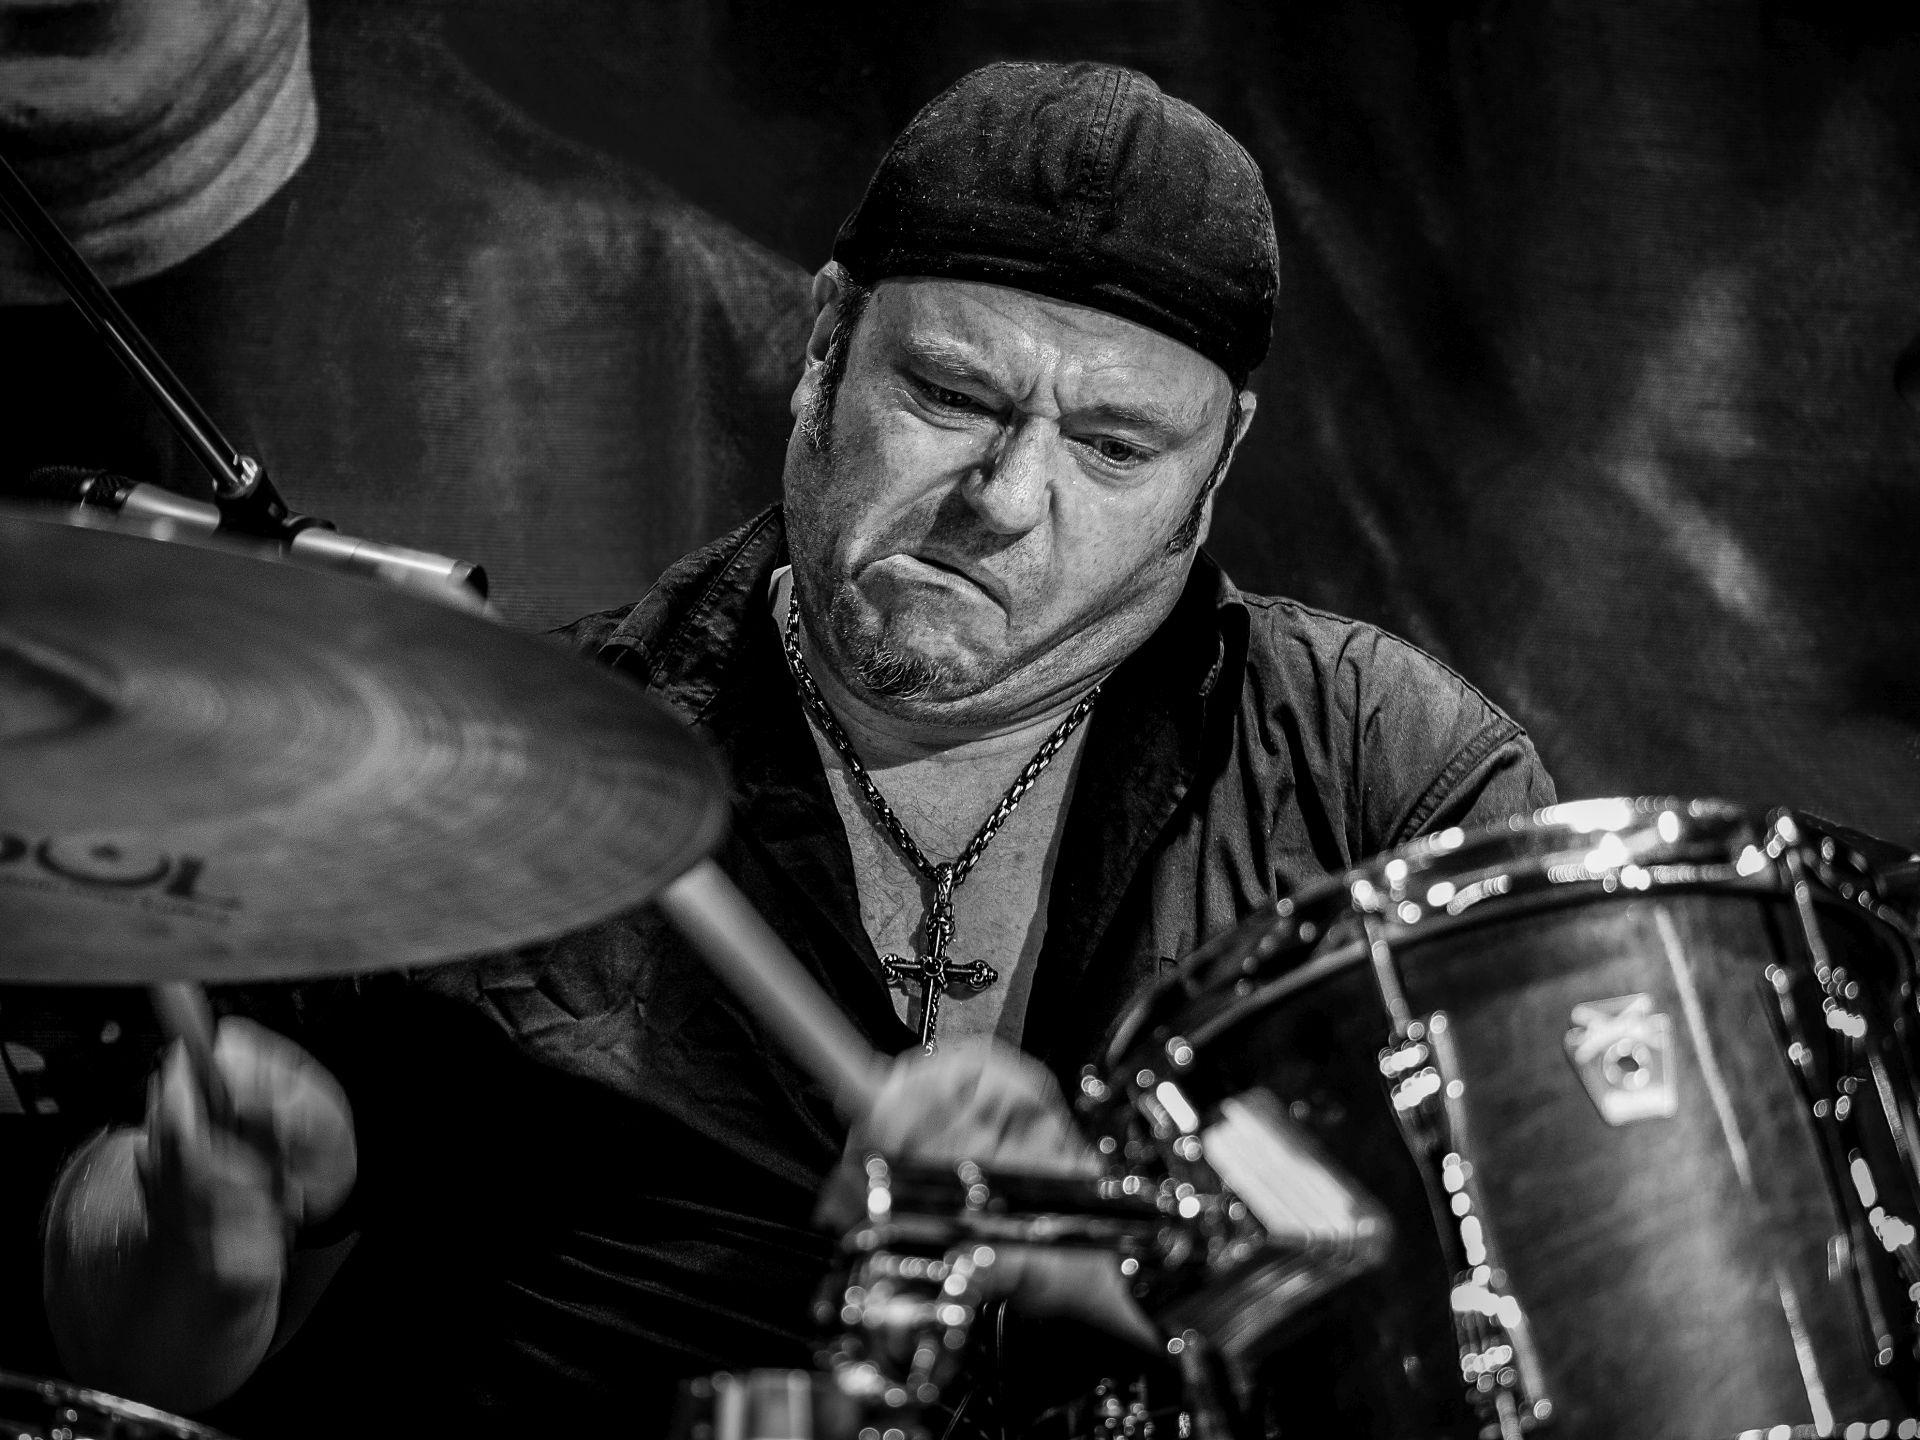 Drummer | © Wolfgang Röser